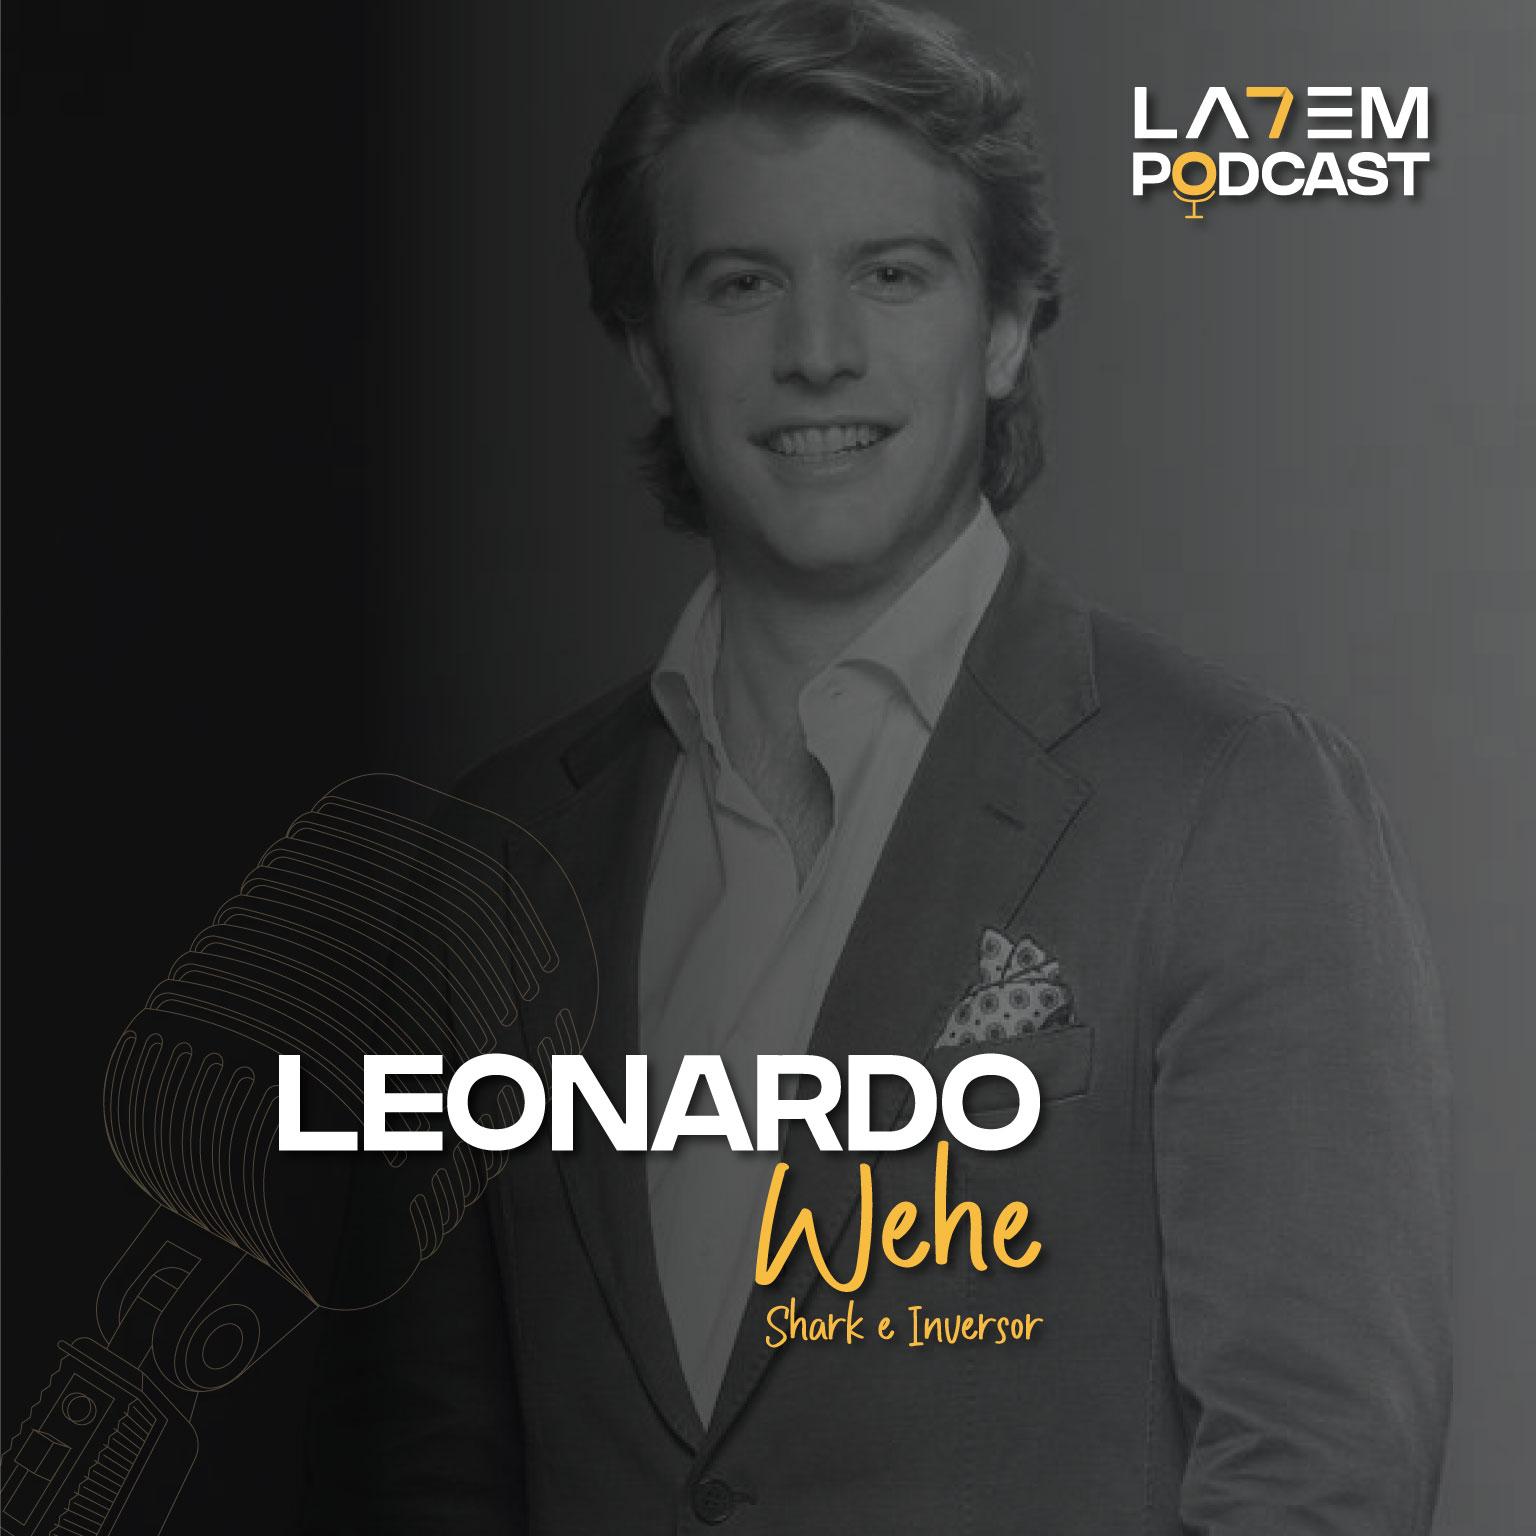 Leonardo Wehe: ¿Cómo valorar tu empresa?